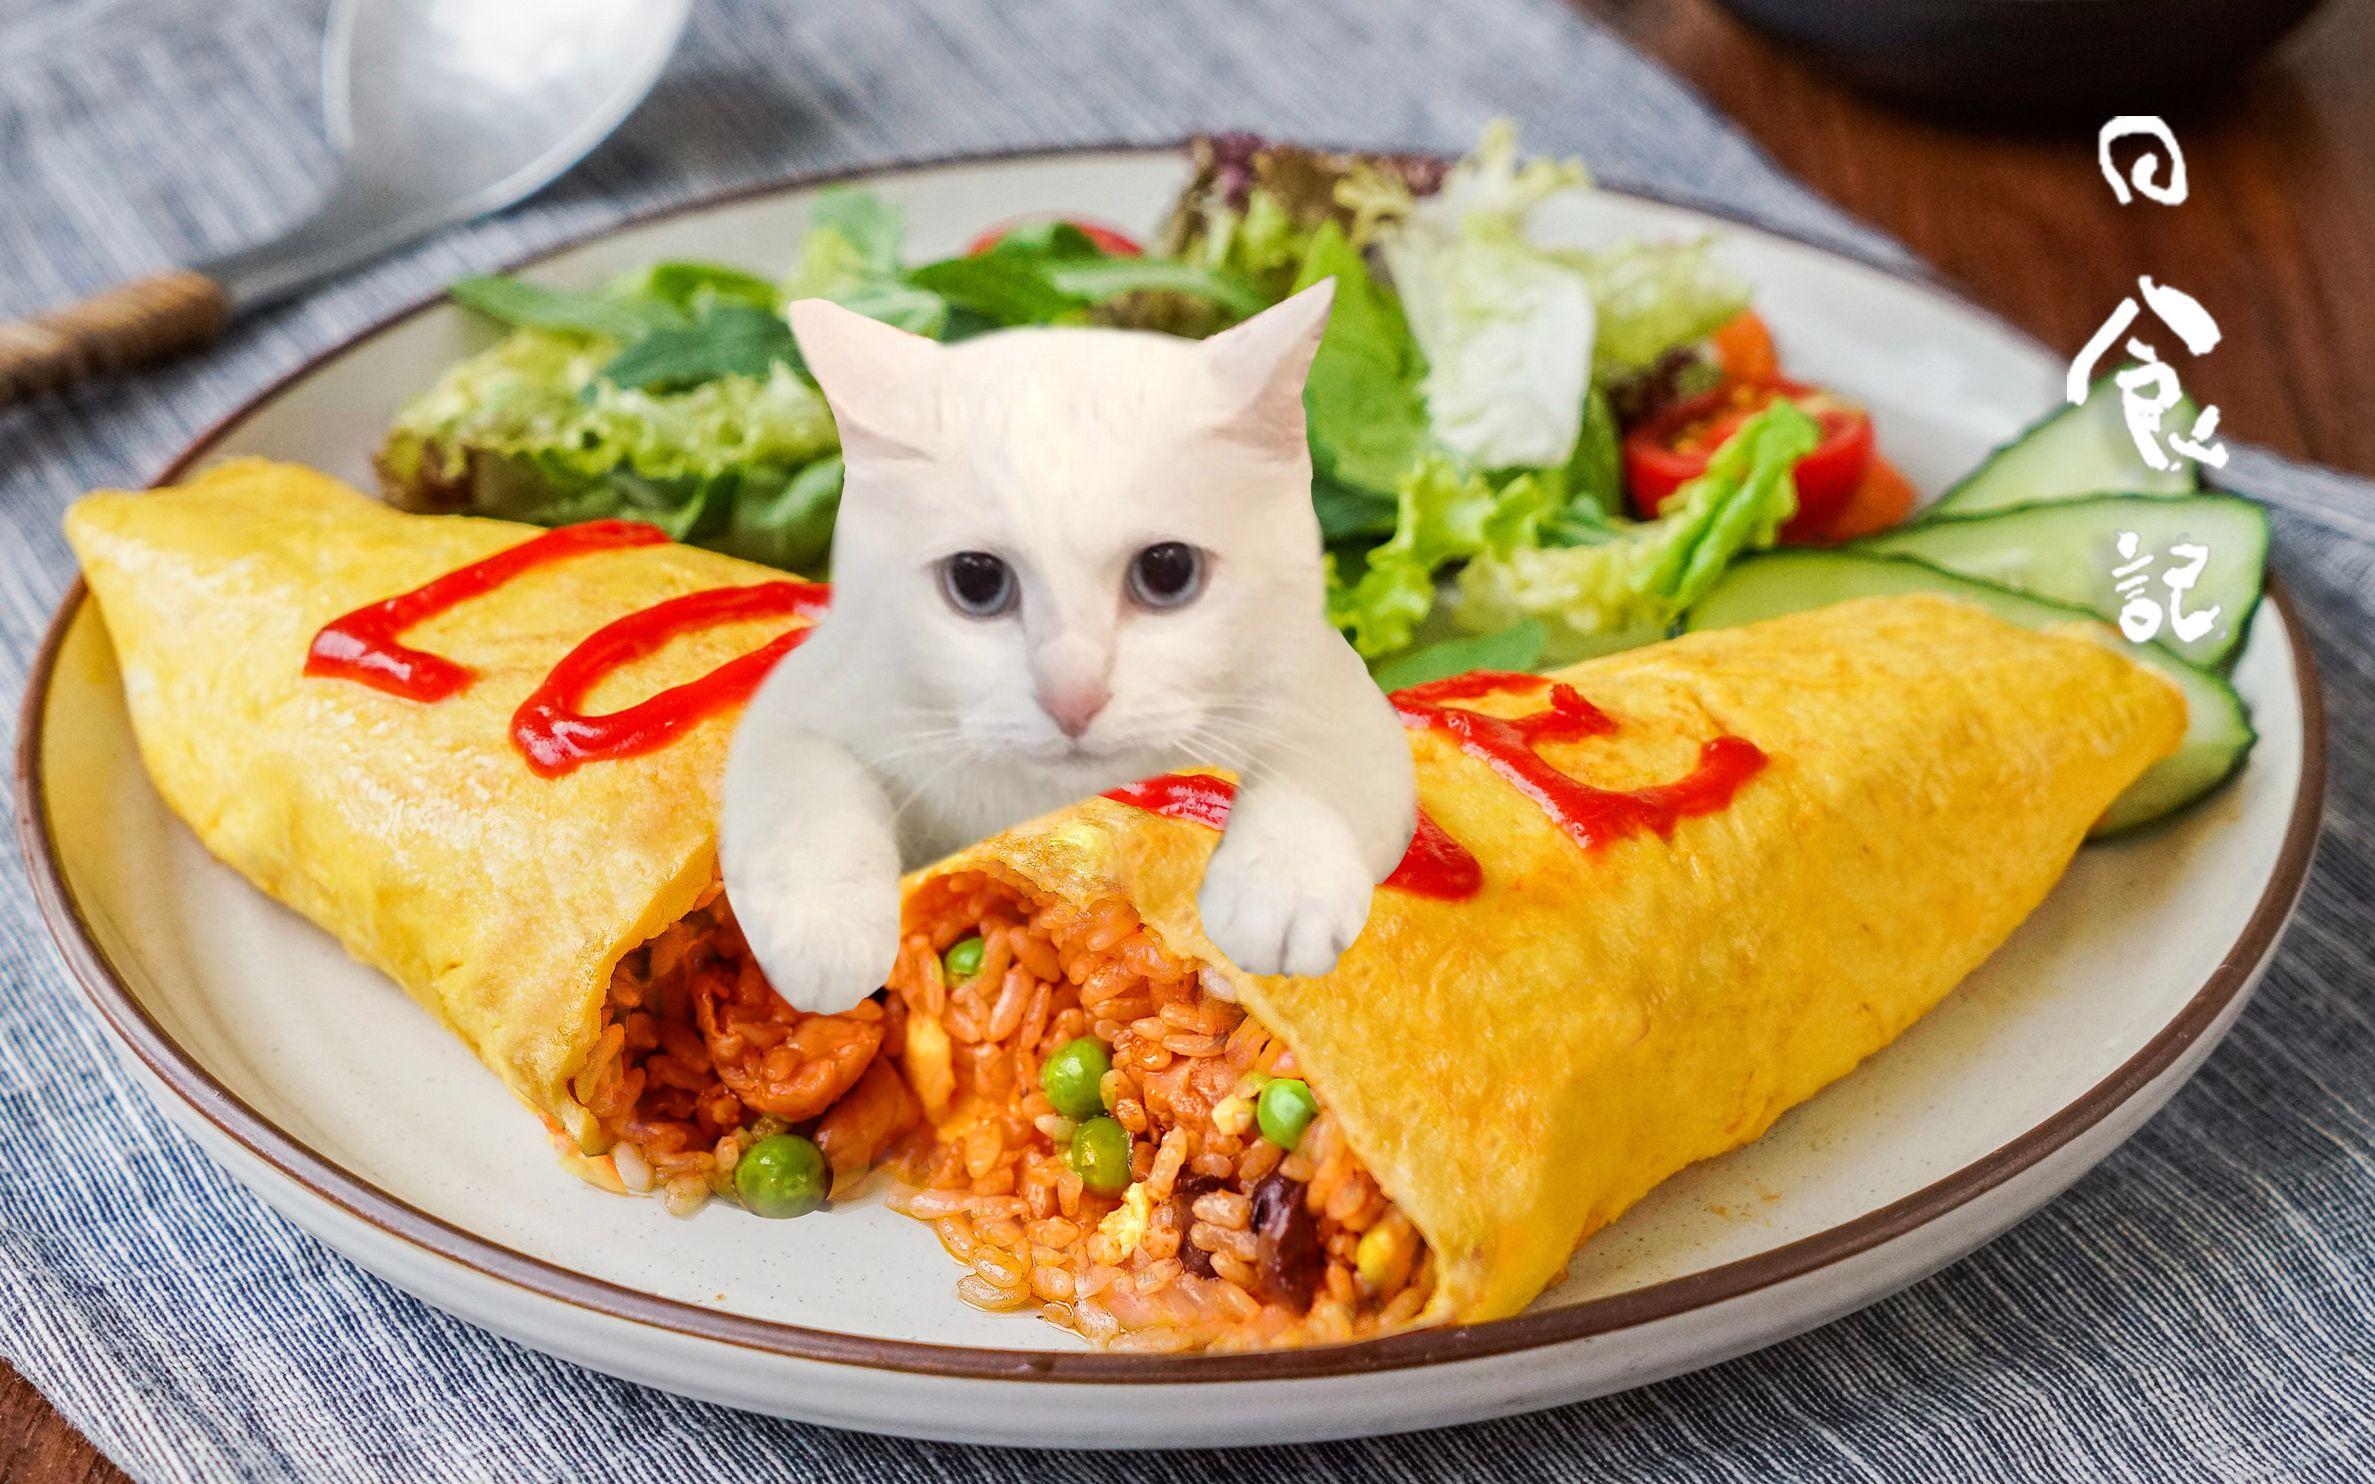 【日食记】蛋包饭出锅的时候你敢手抖一个给我看看?!